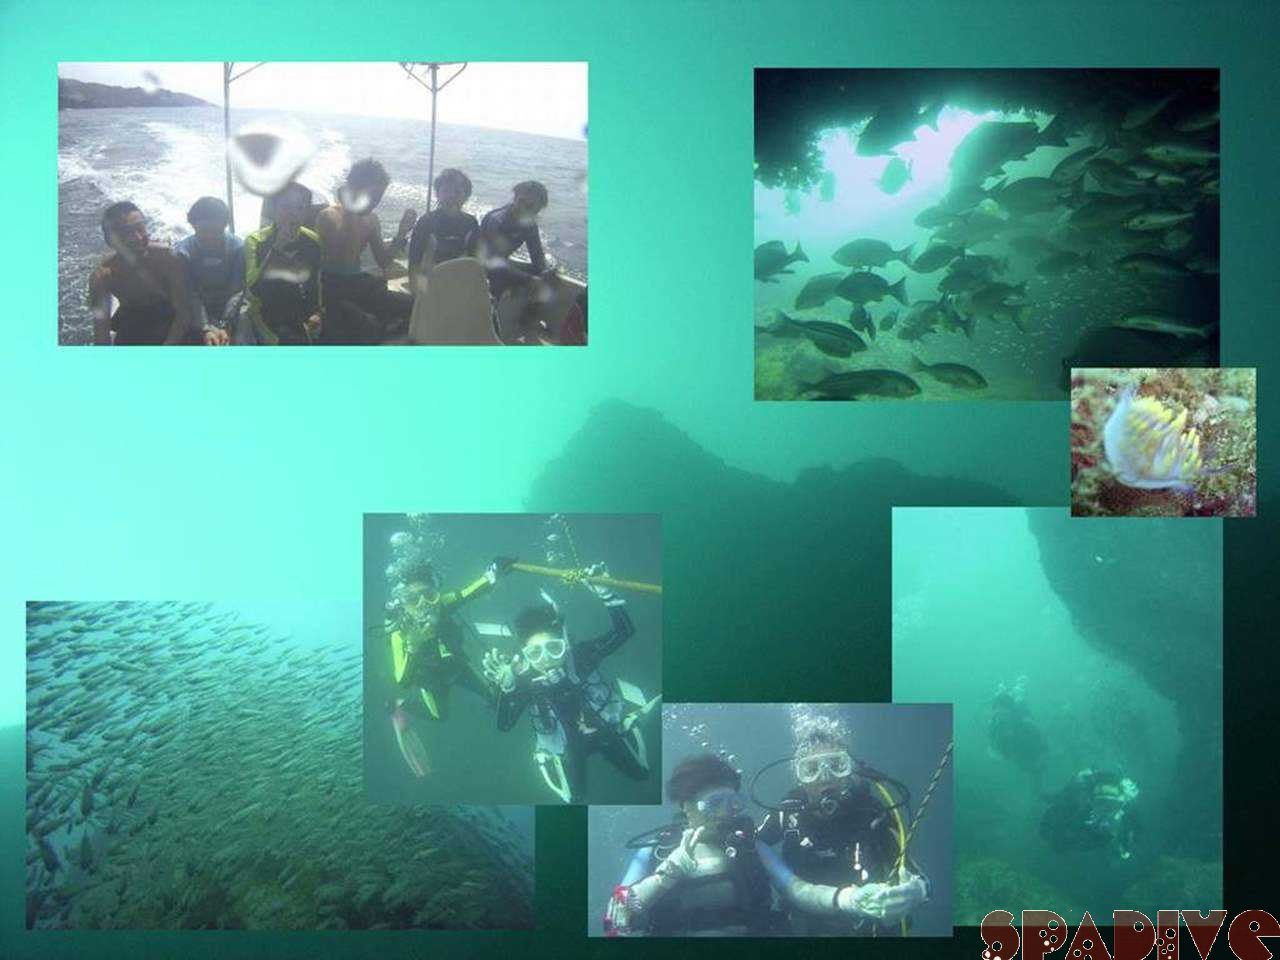 三段壁&沈船ボートAOWアドバンスライセンス取得講習|9/20/2005白浜